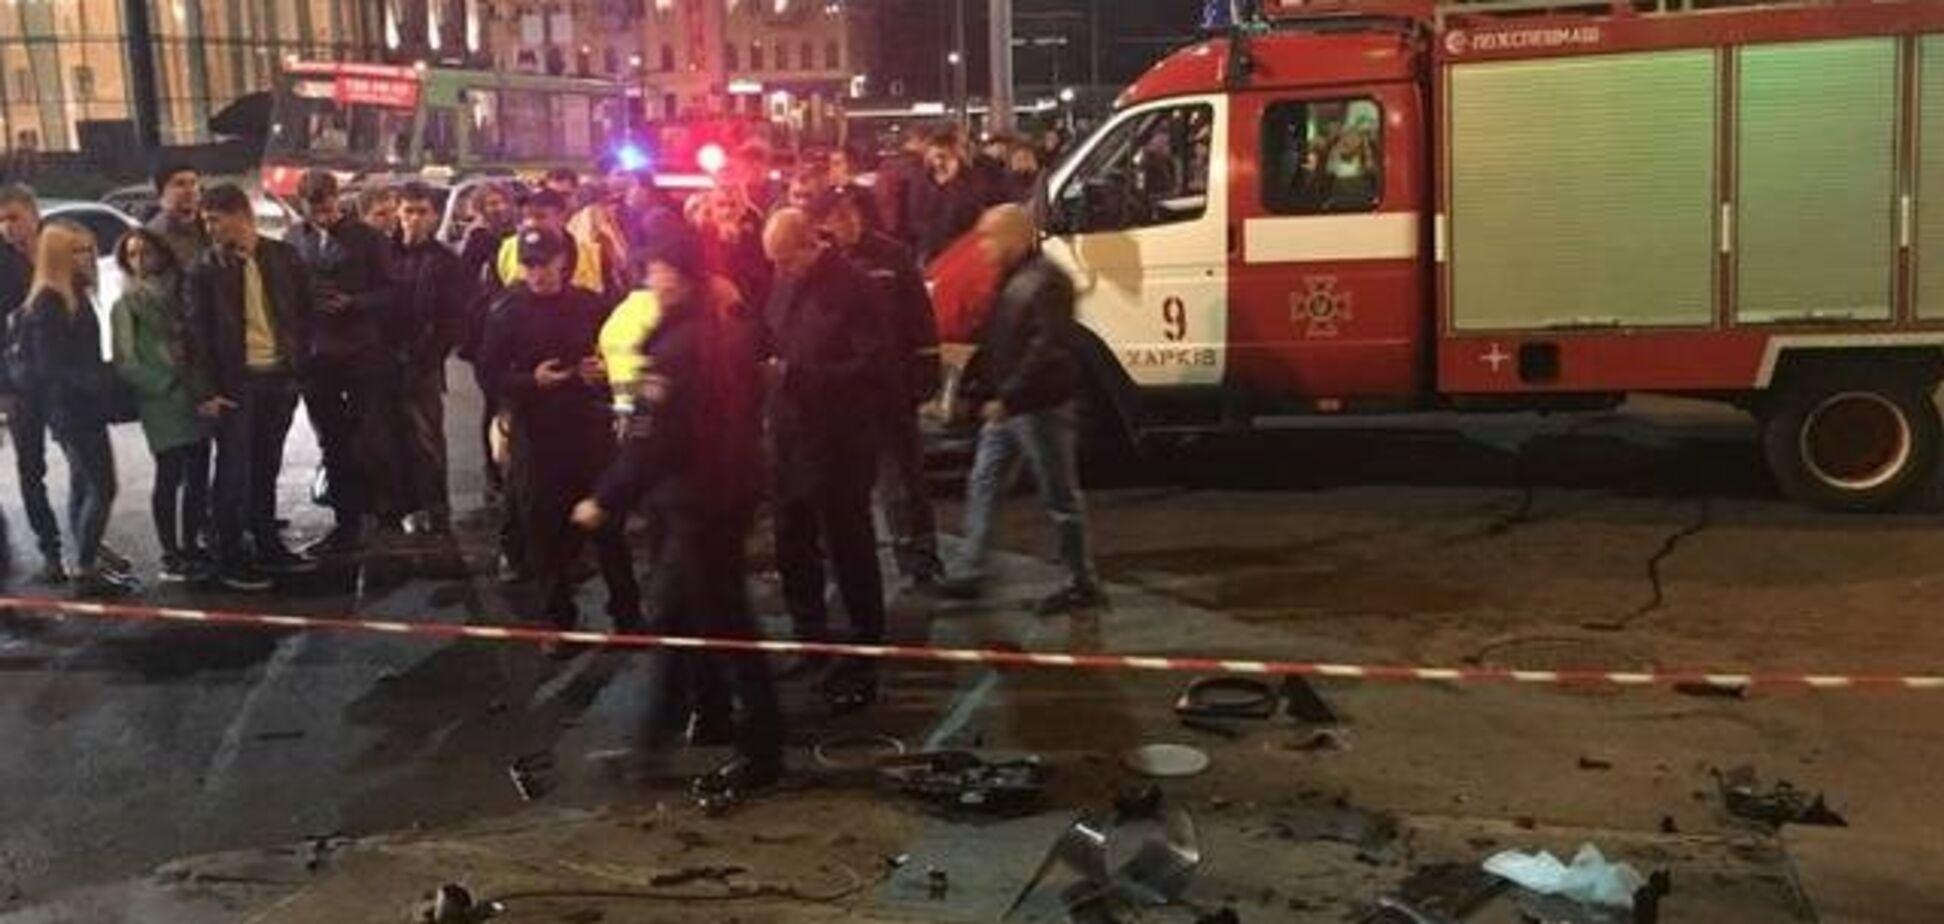 В людей летели куски металла: очевидцы рассказали детали страшной аварии в Харькове